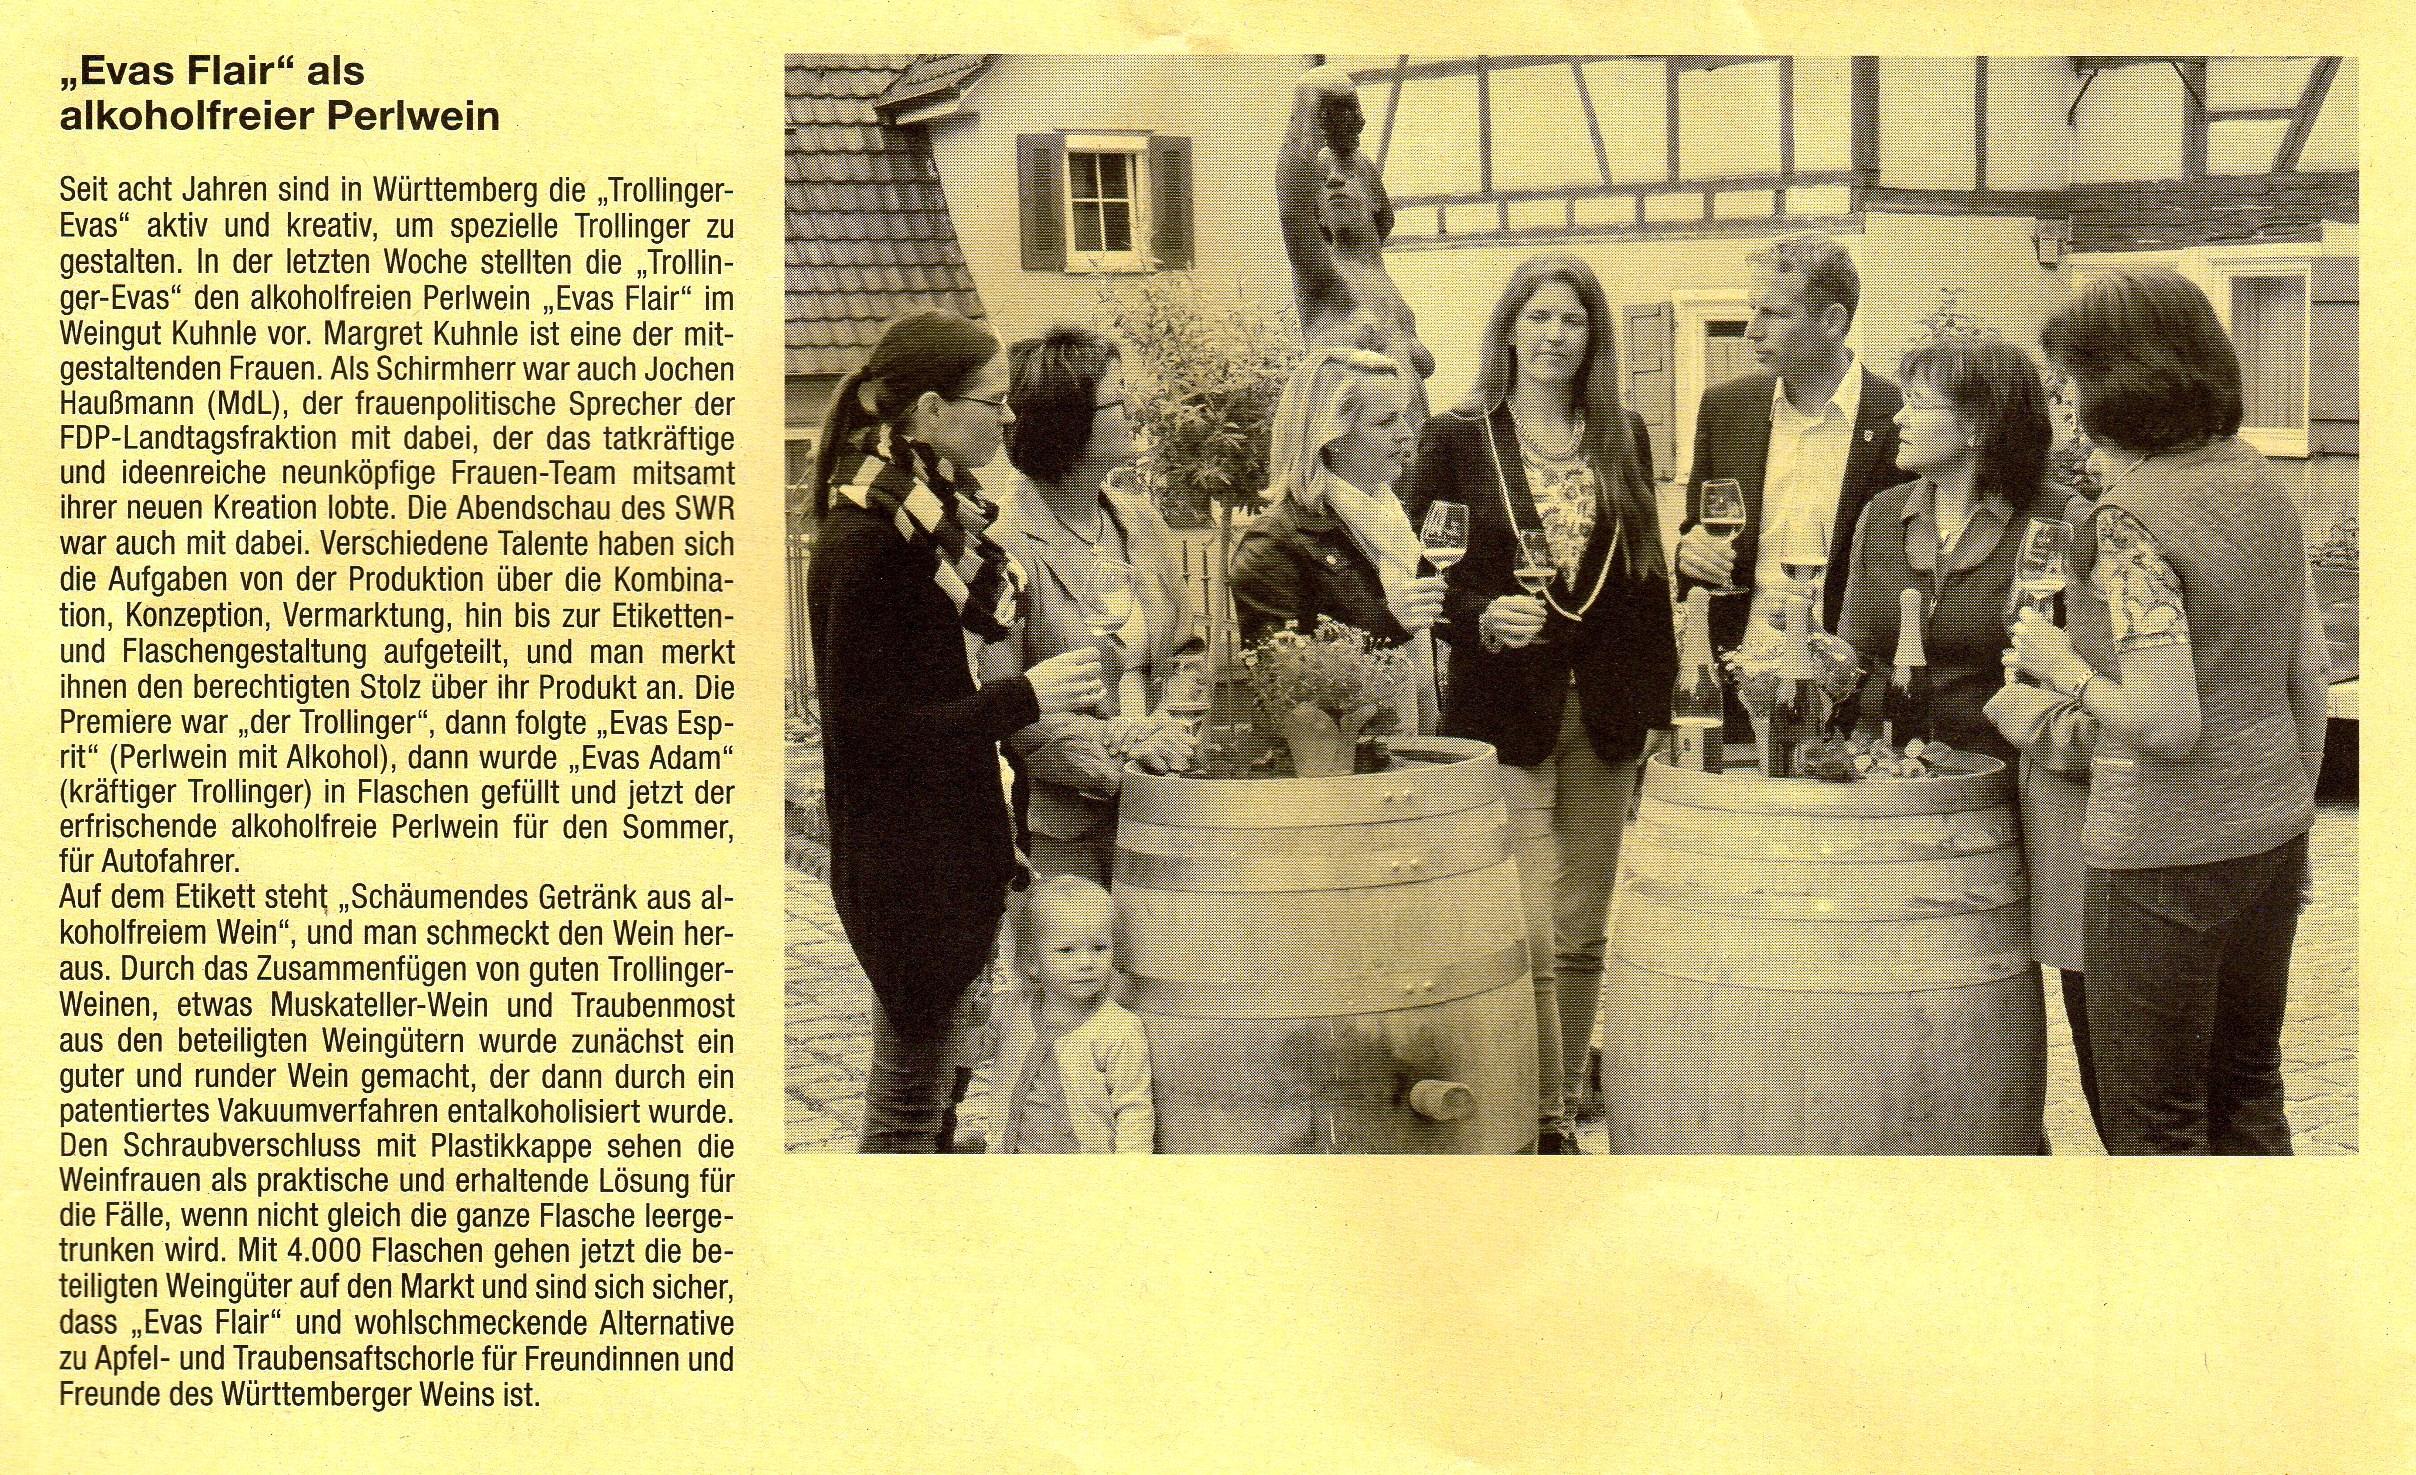 <?=Evas Flair als alkoholfreier Perlwein?>